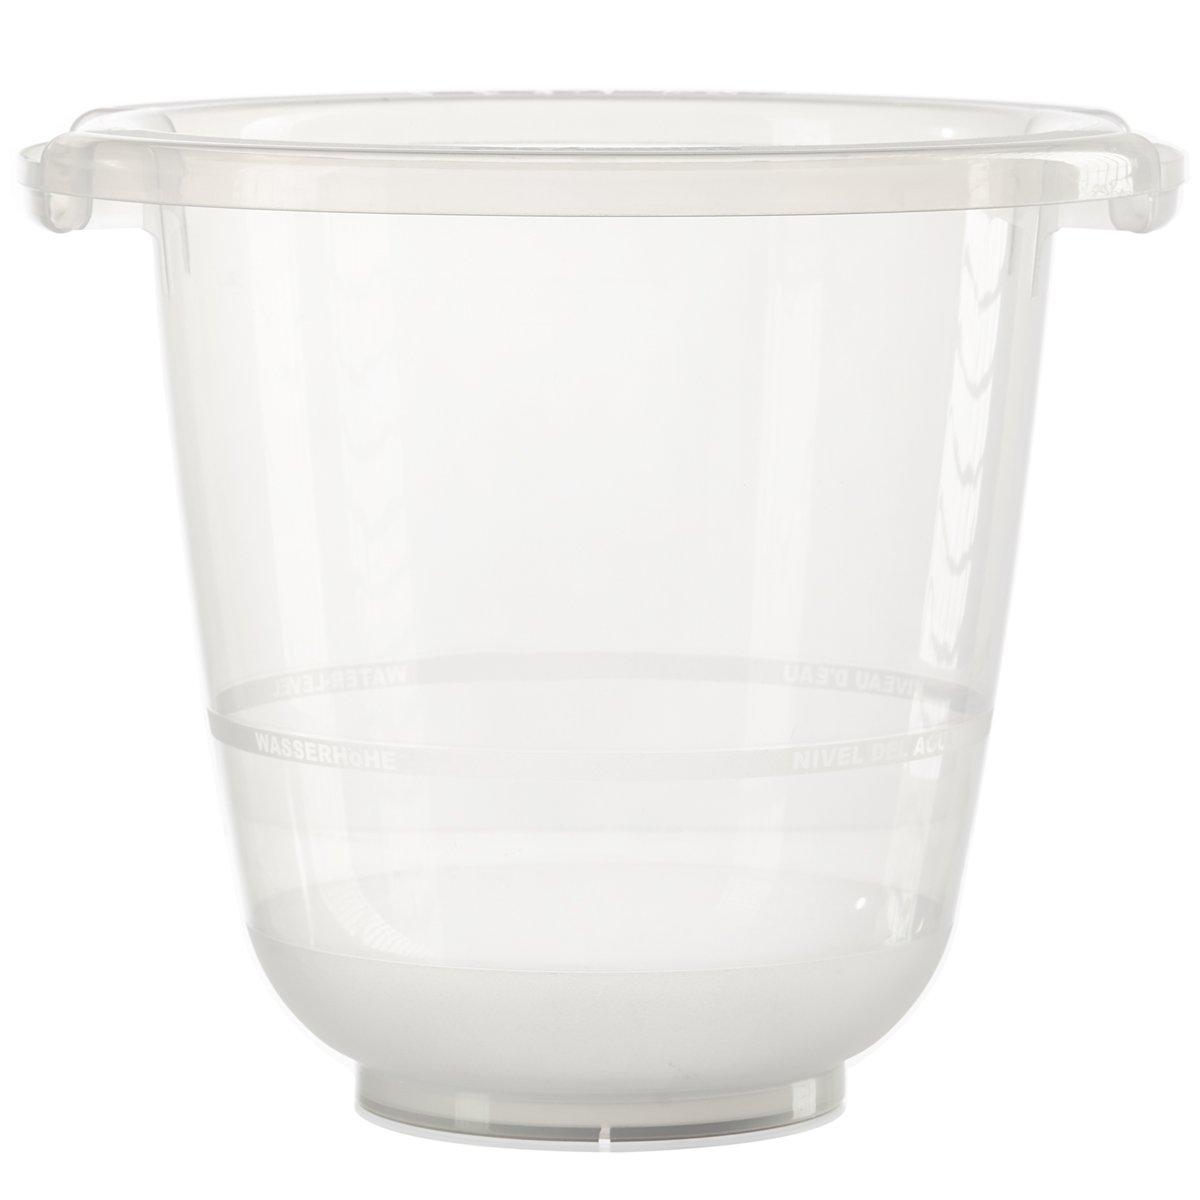 Amazon.com : The Original Tummy Tub Baby Bath - Clear : Baby Bathing ...